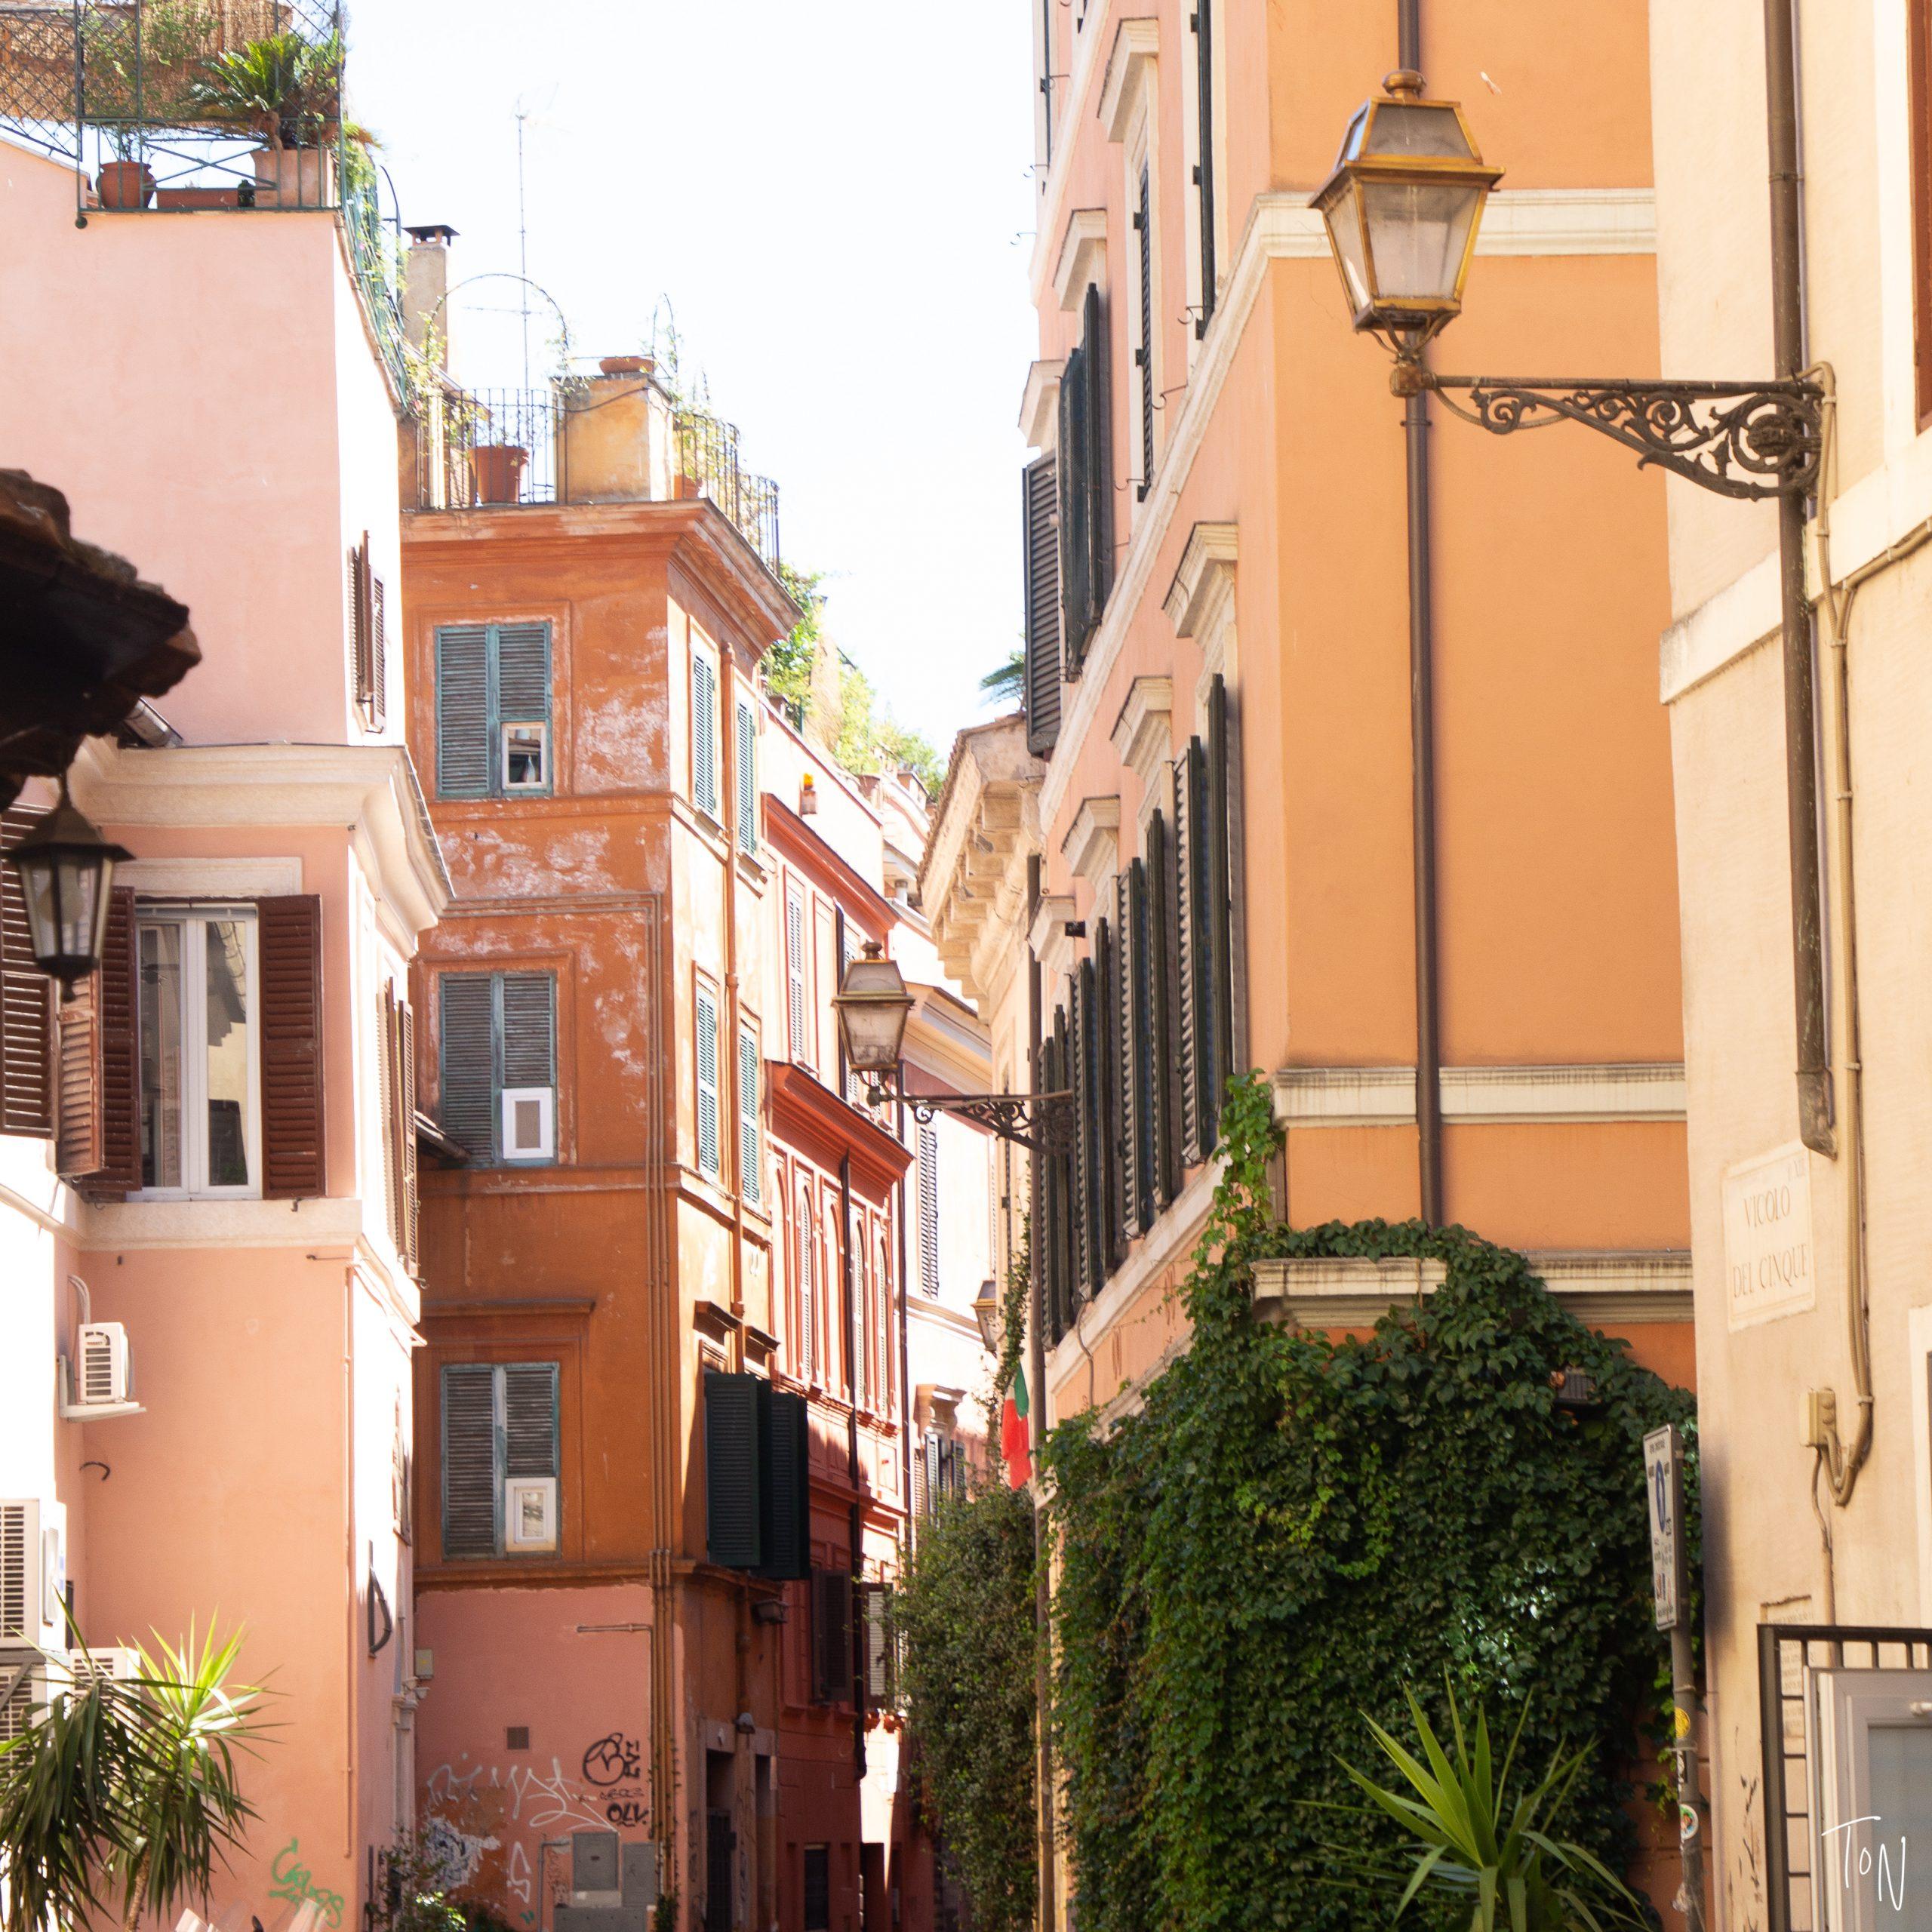 Rome's trastevere neighborhood